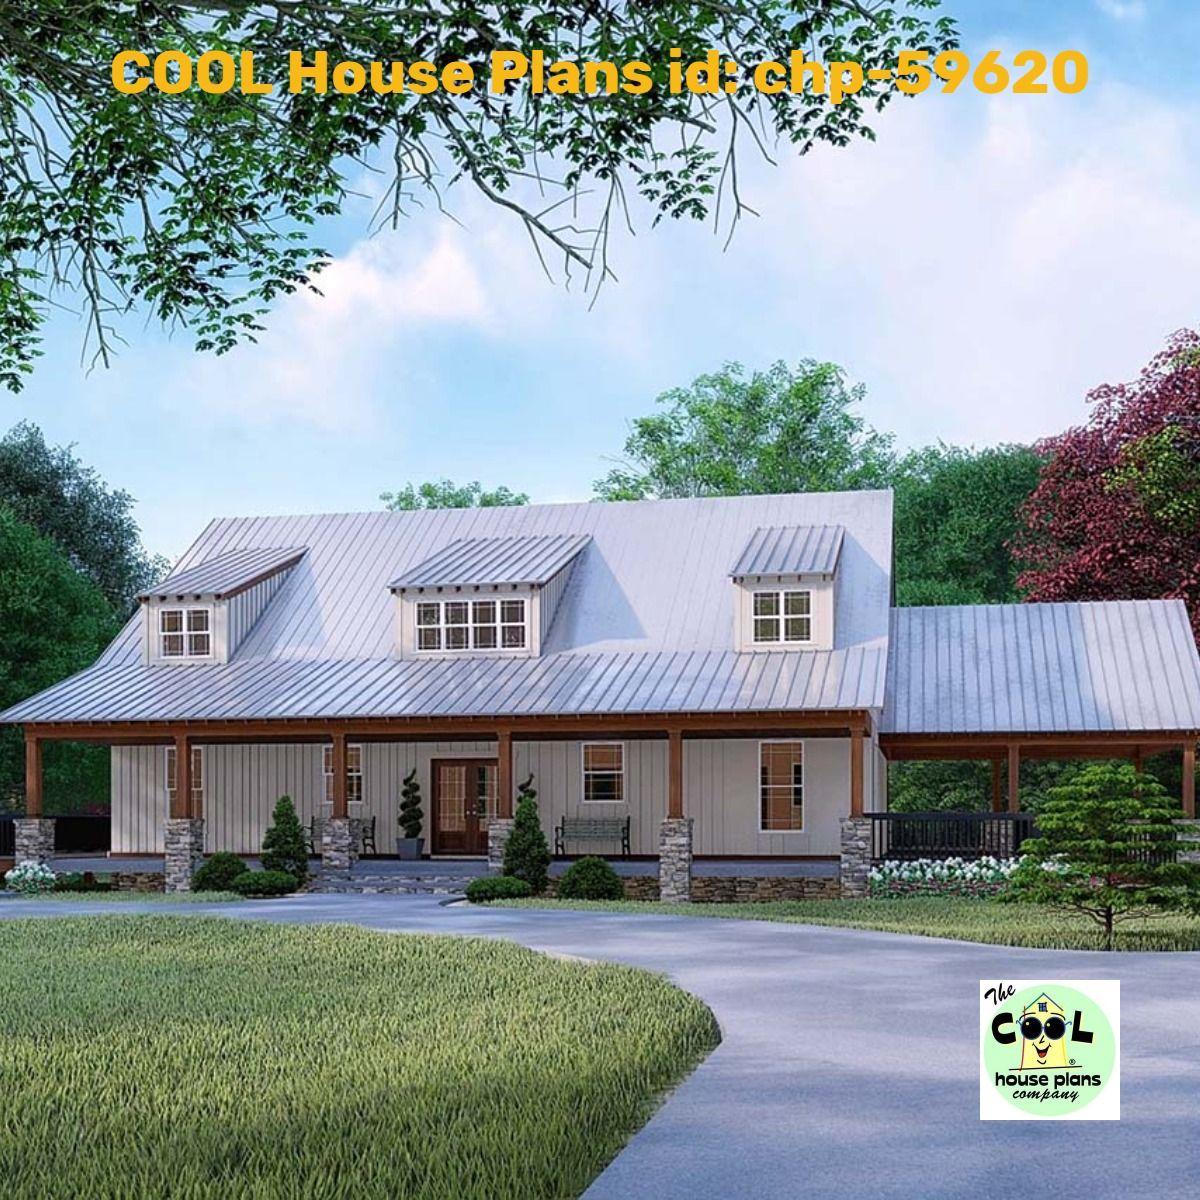 Farmhouse Style House Plan 82526 With 3 Bed 4 Bath 2 Car Garage Farmhouse Style House Plans House Plans Farmhouse House Plans